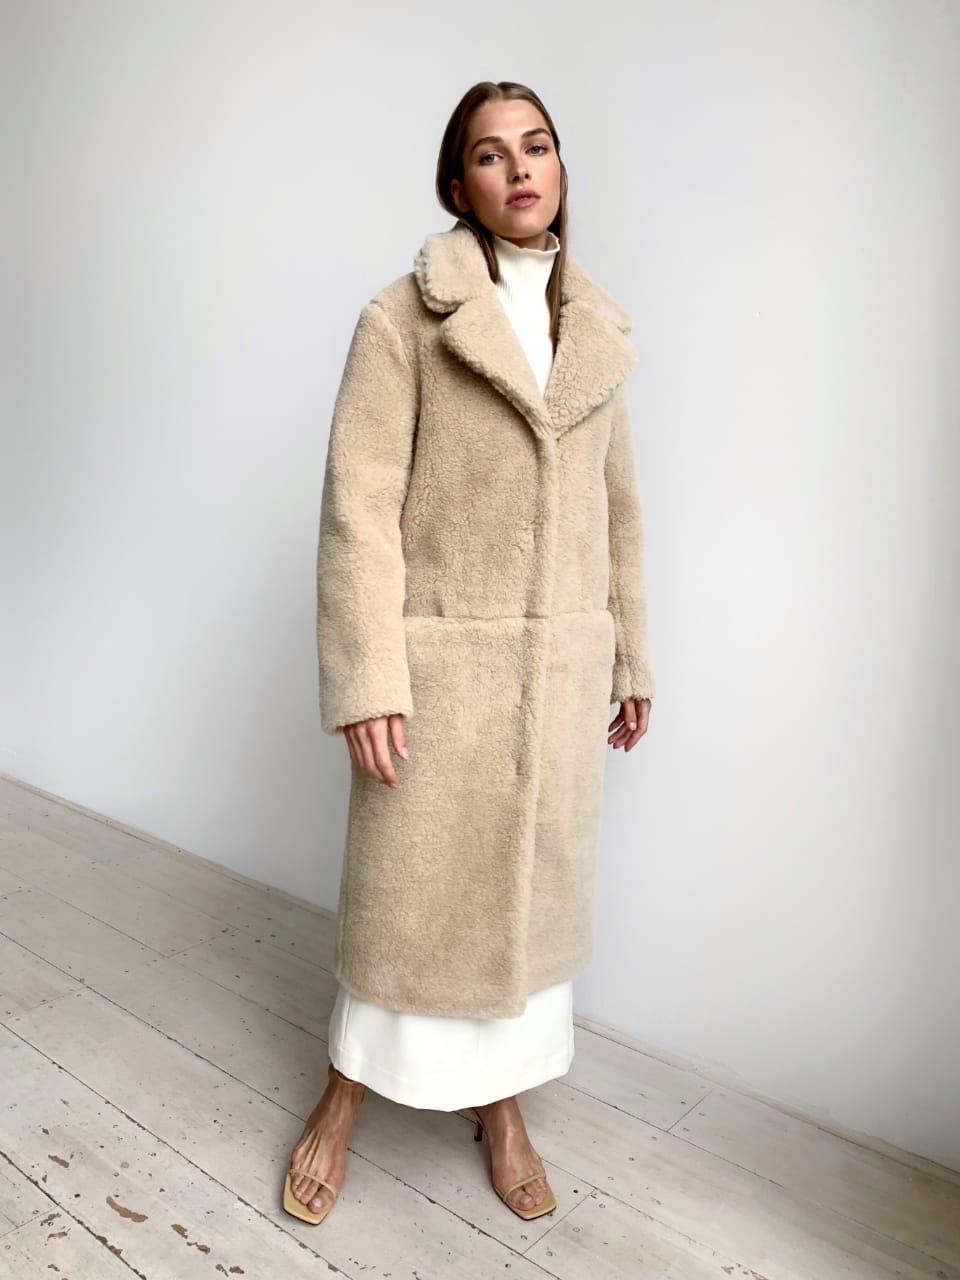 Шуба из натуральной стриженой овечьей шерсти длина 110 см, прорезные карманы, бежевый цвет - фото 1